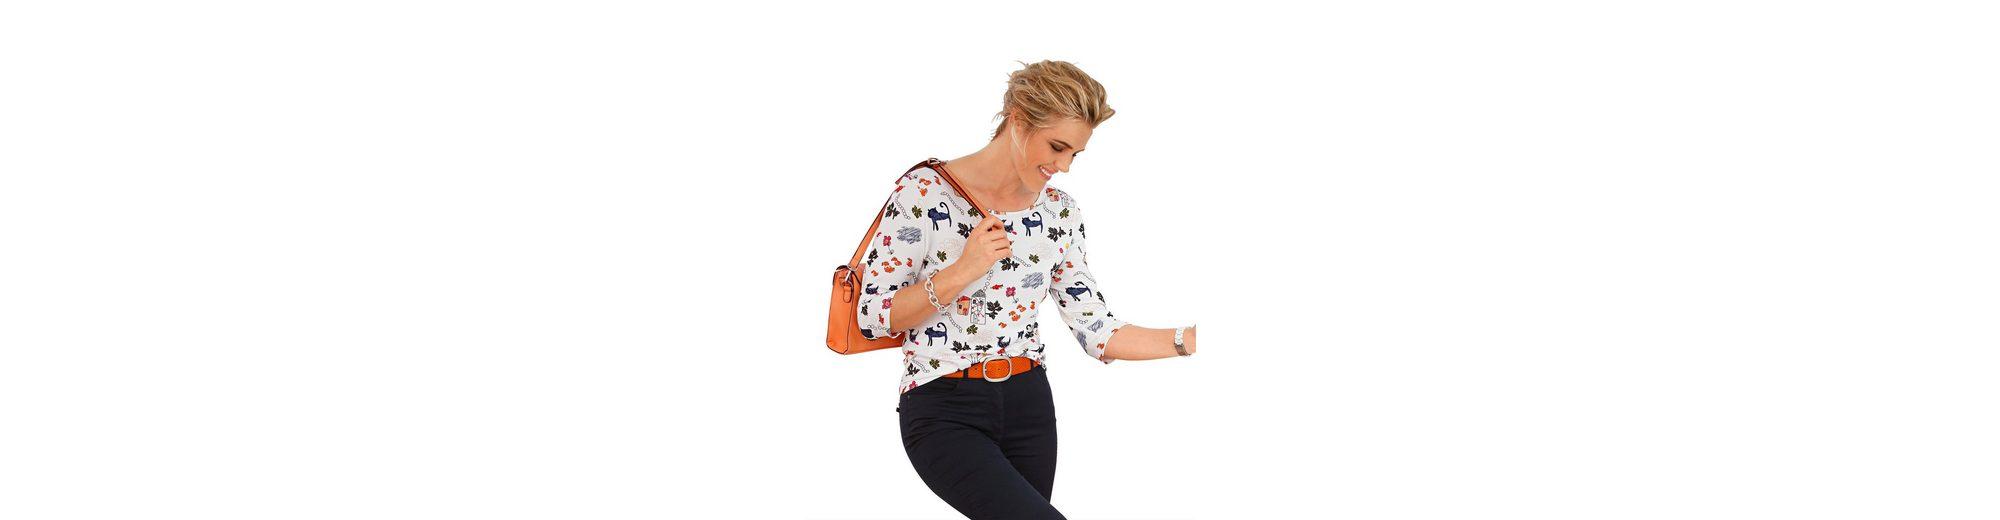 Alle Jahreszeiten Verfügbar Mona Shirt mit farbenfrohem Phantasie-Druck Billig Verkauf Der Neue Ankunft Neuesten Kollektionen Günstig Online Freies Verschiffen Sast jIrxrynL3C